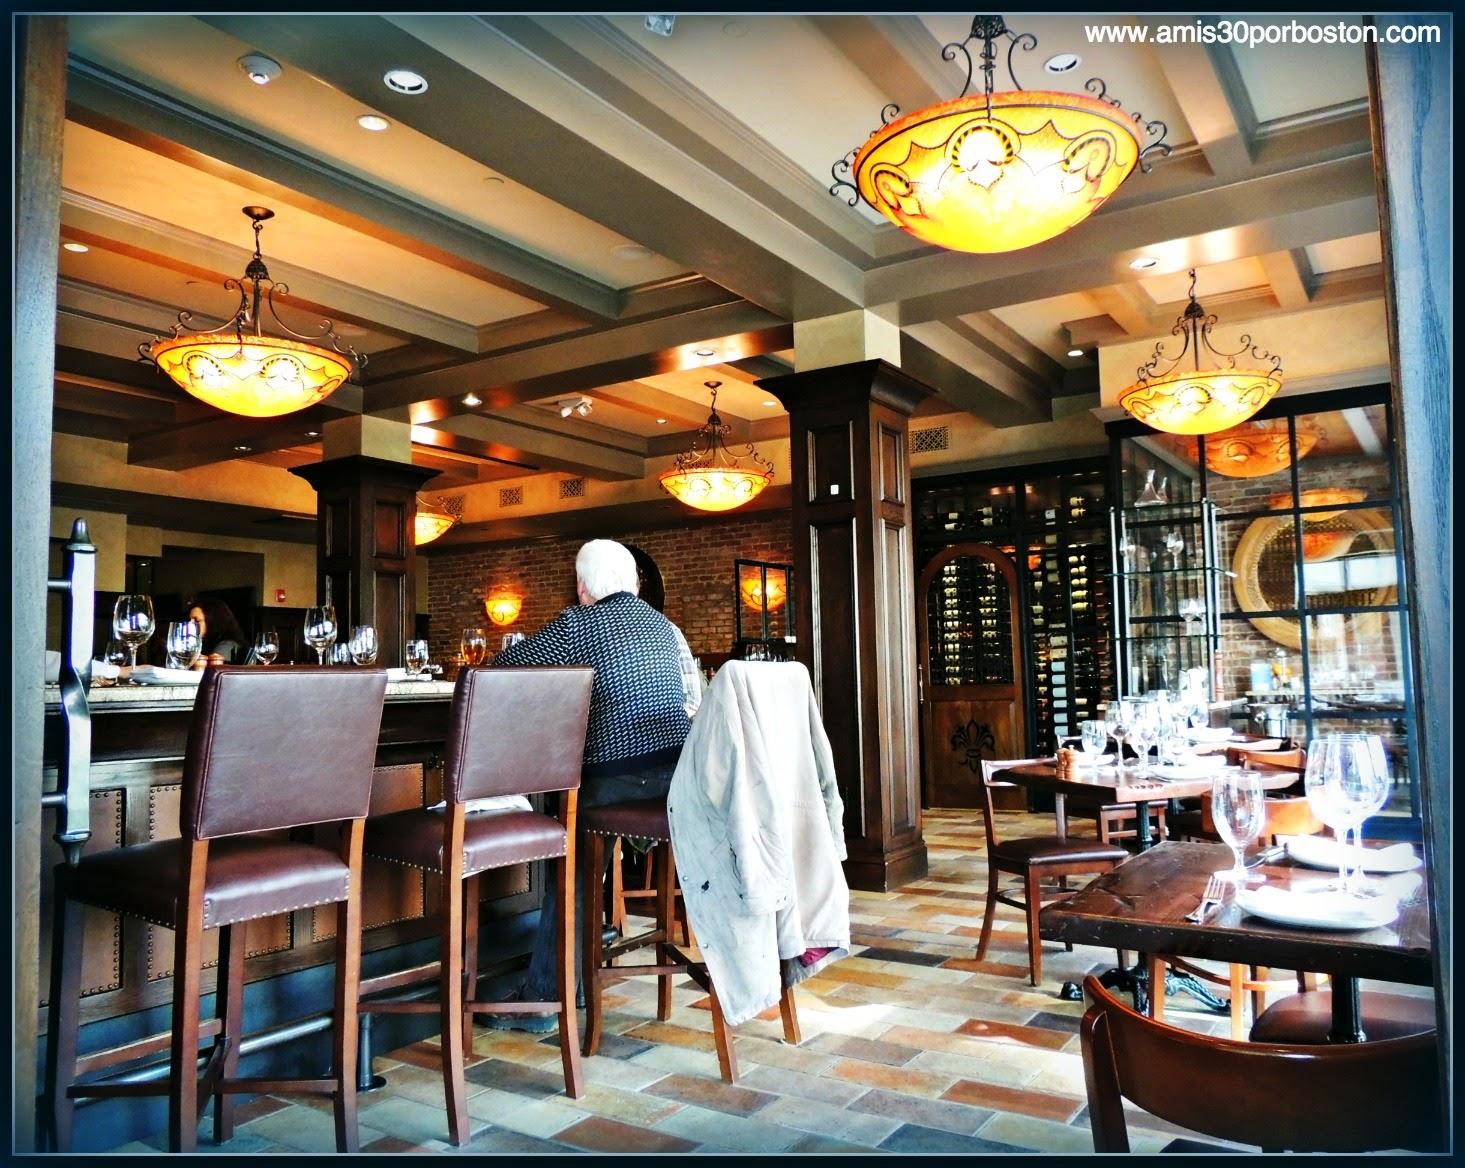 Dine Out Boston Marzo 2014:Toscano